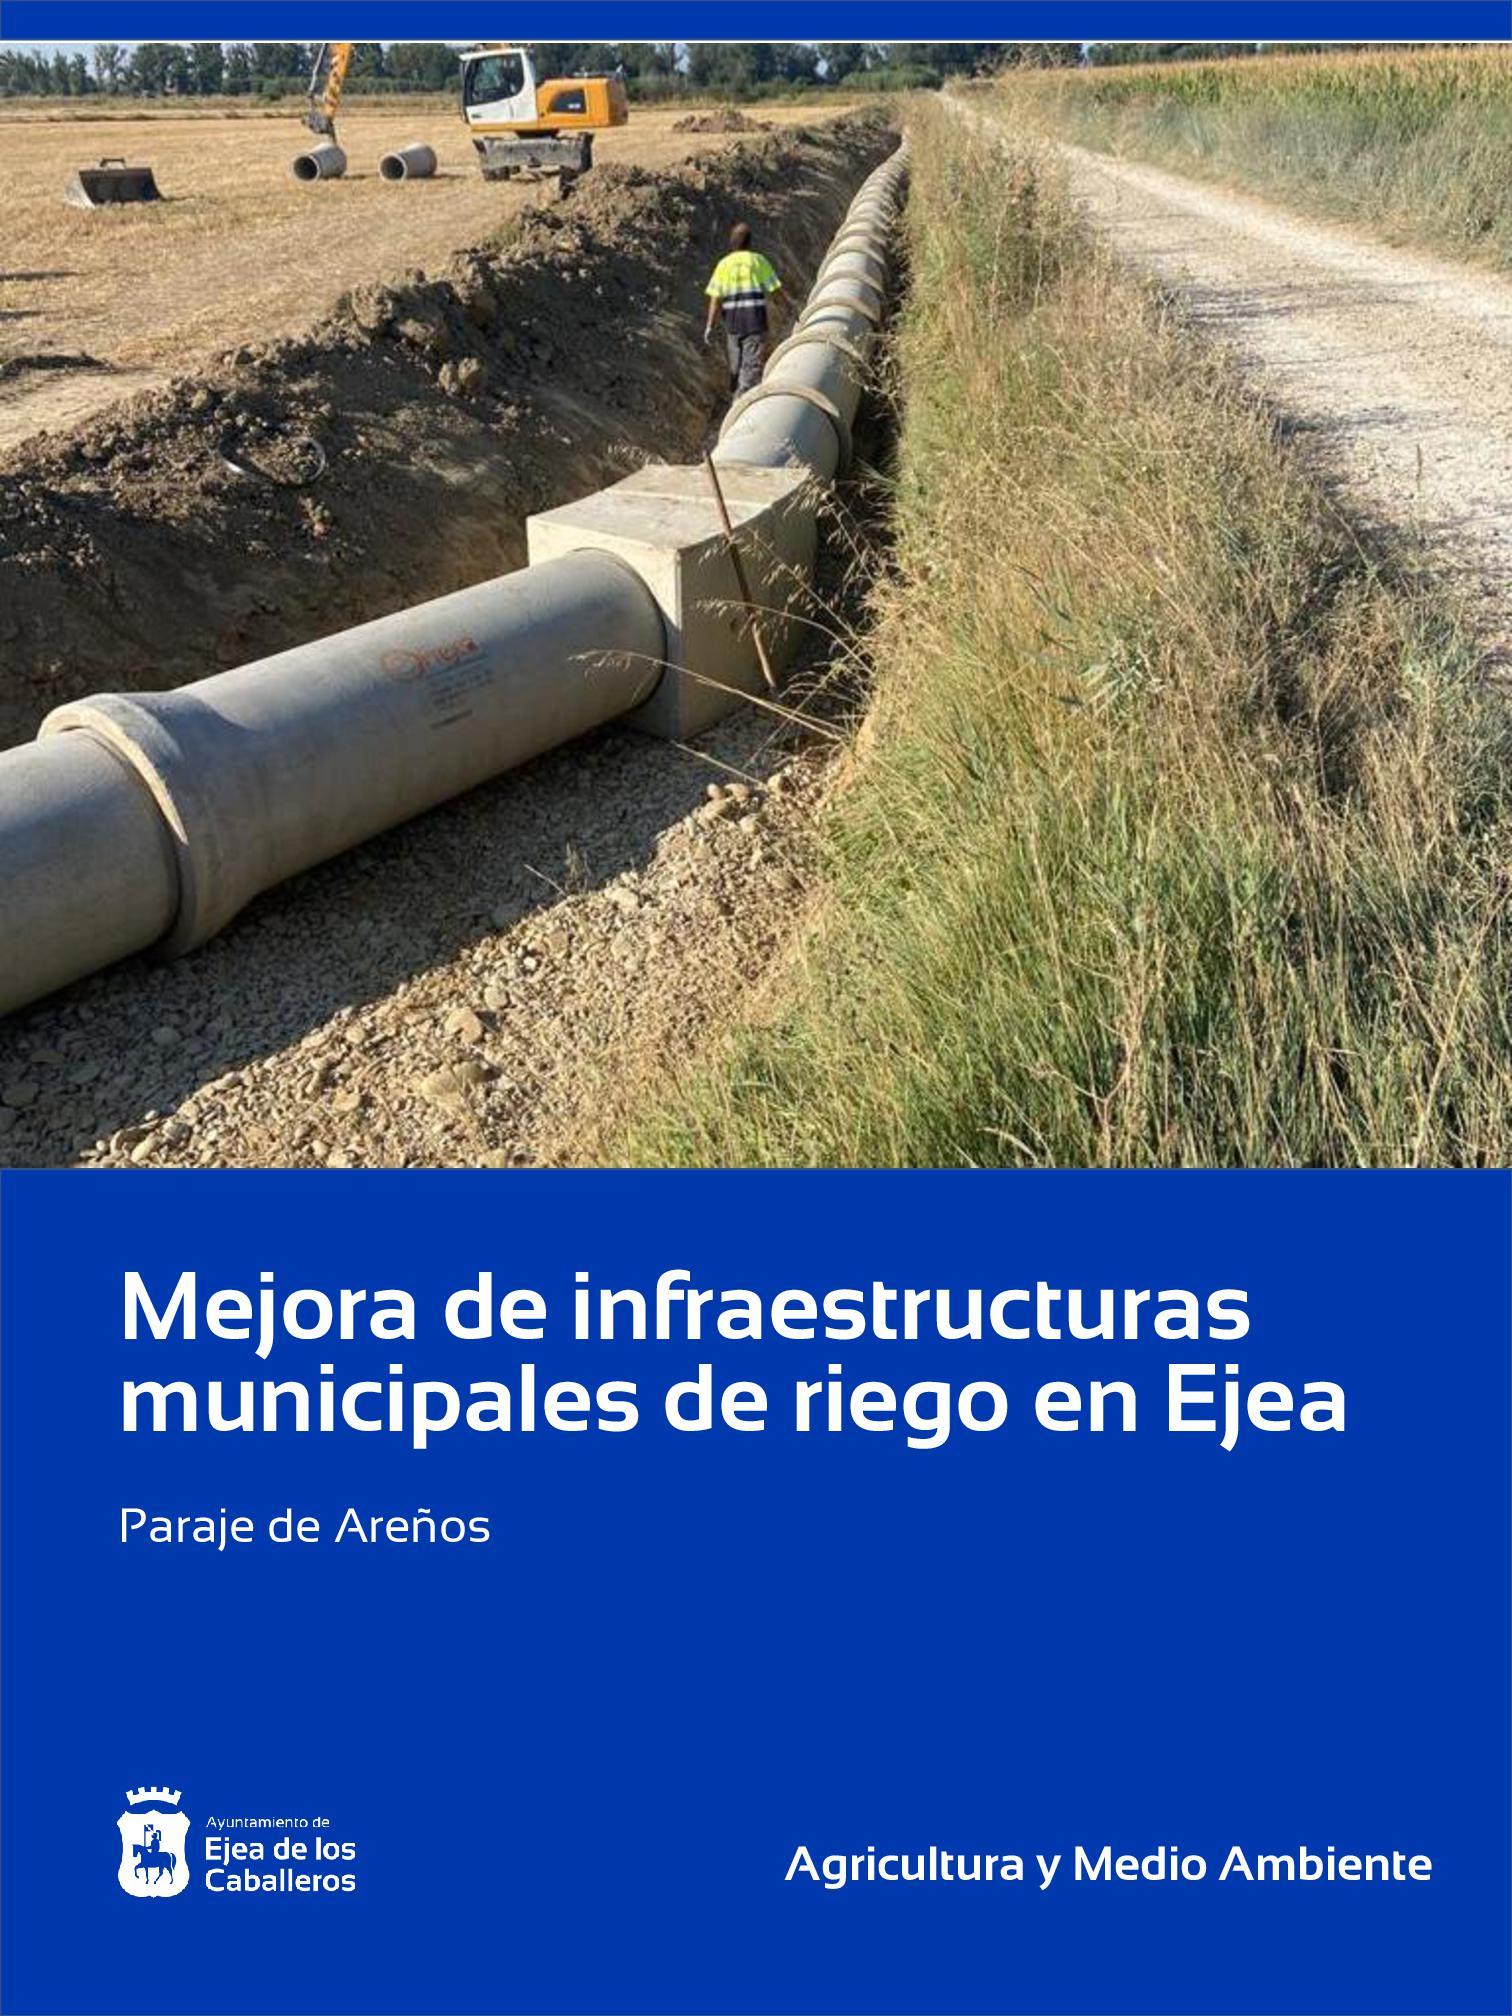 Mejora de infraestructuras municipales de riego en Ejea